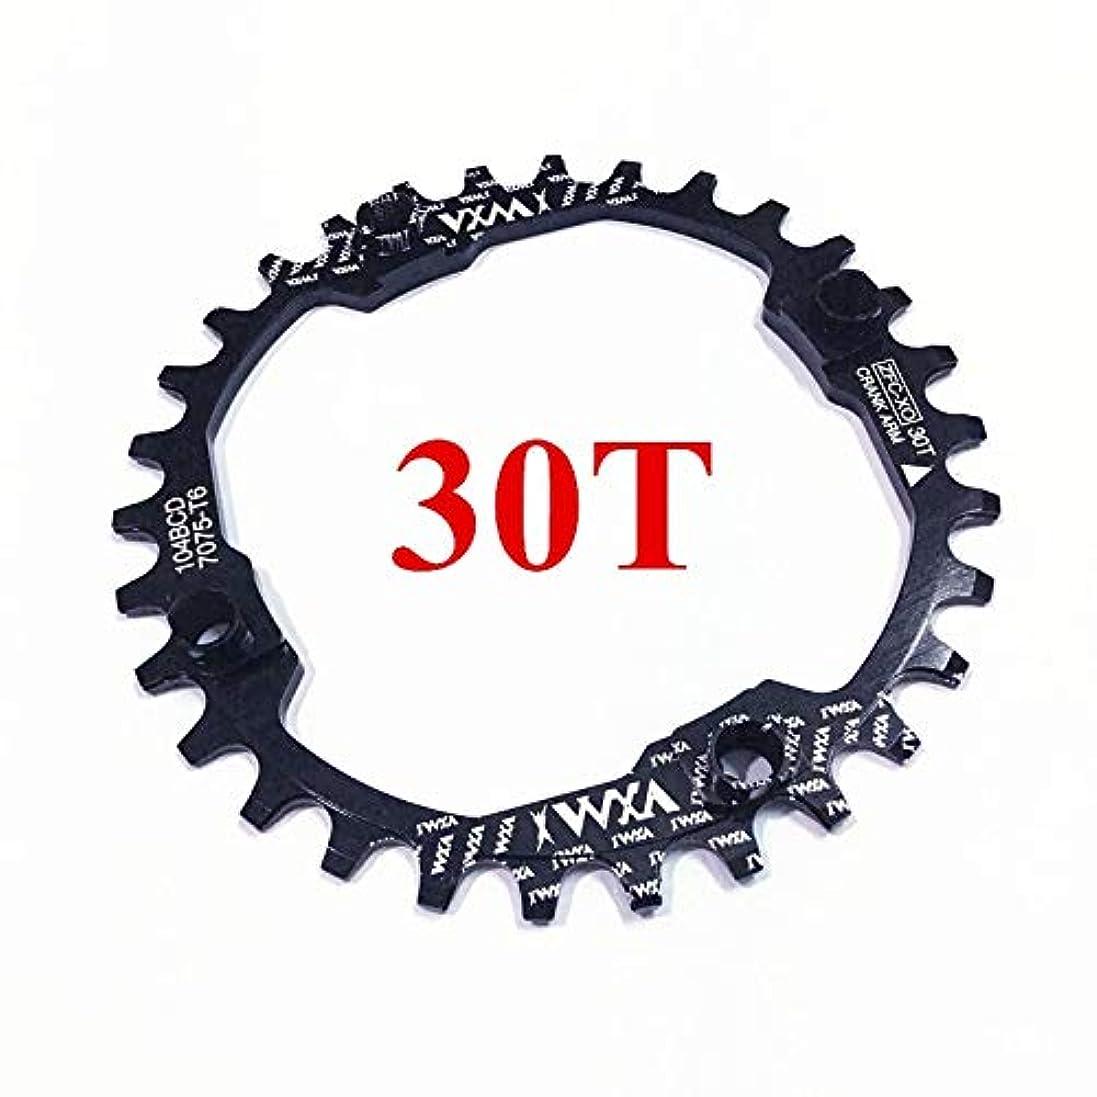 ドットダウン添付Propenary - 自転車104BCDクランクオーバルラウンド30T 32T 34T 36T 38T 40T 42T 44T 46T 48T 50T 52TチェーンホイールXT狭い広い自転車チェーンリング[ラウンド30T...